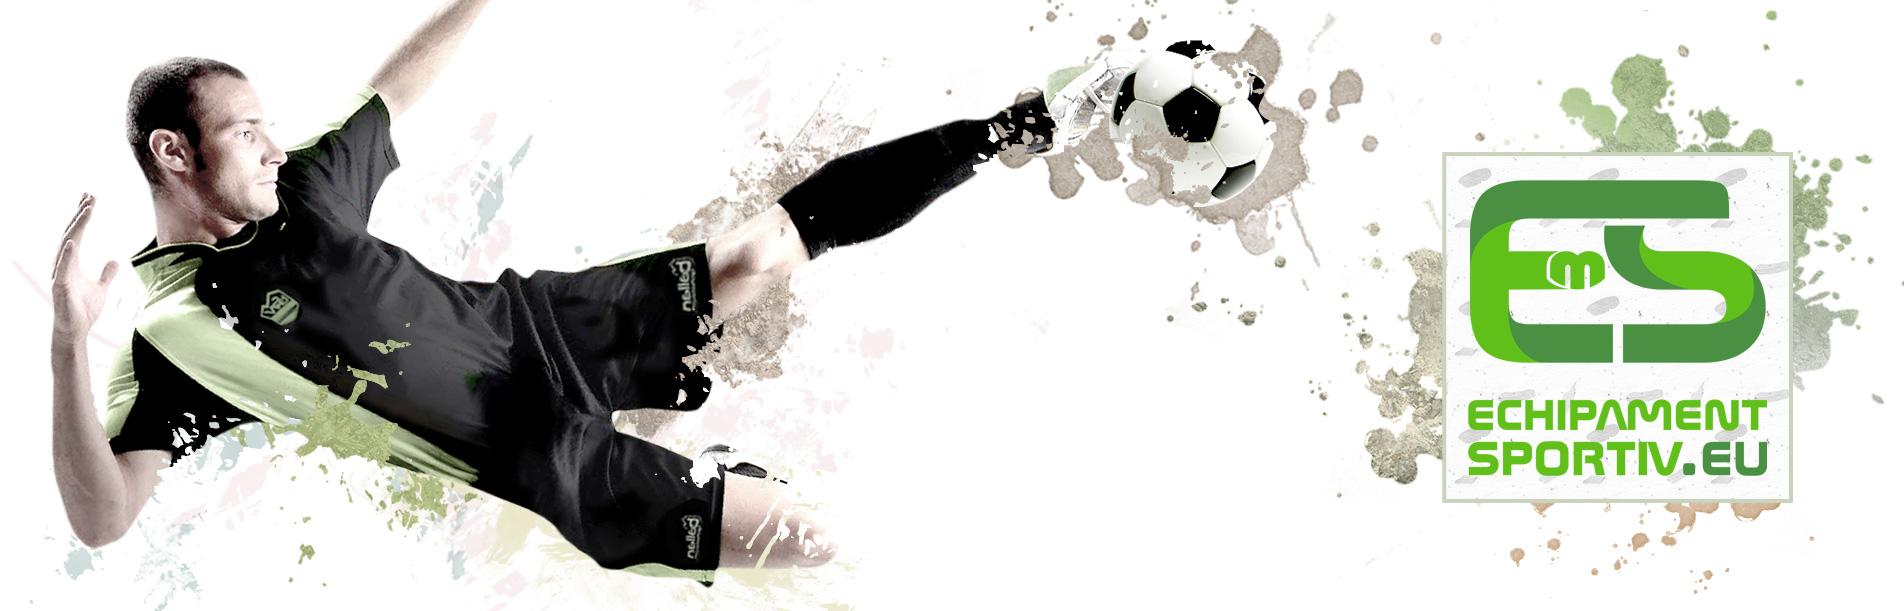 Echipament fotbal personalizat